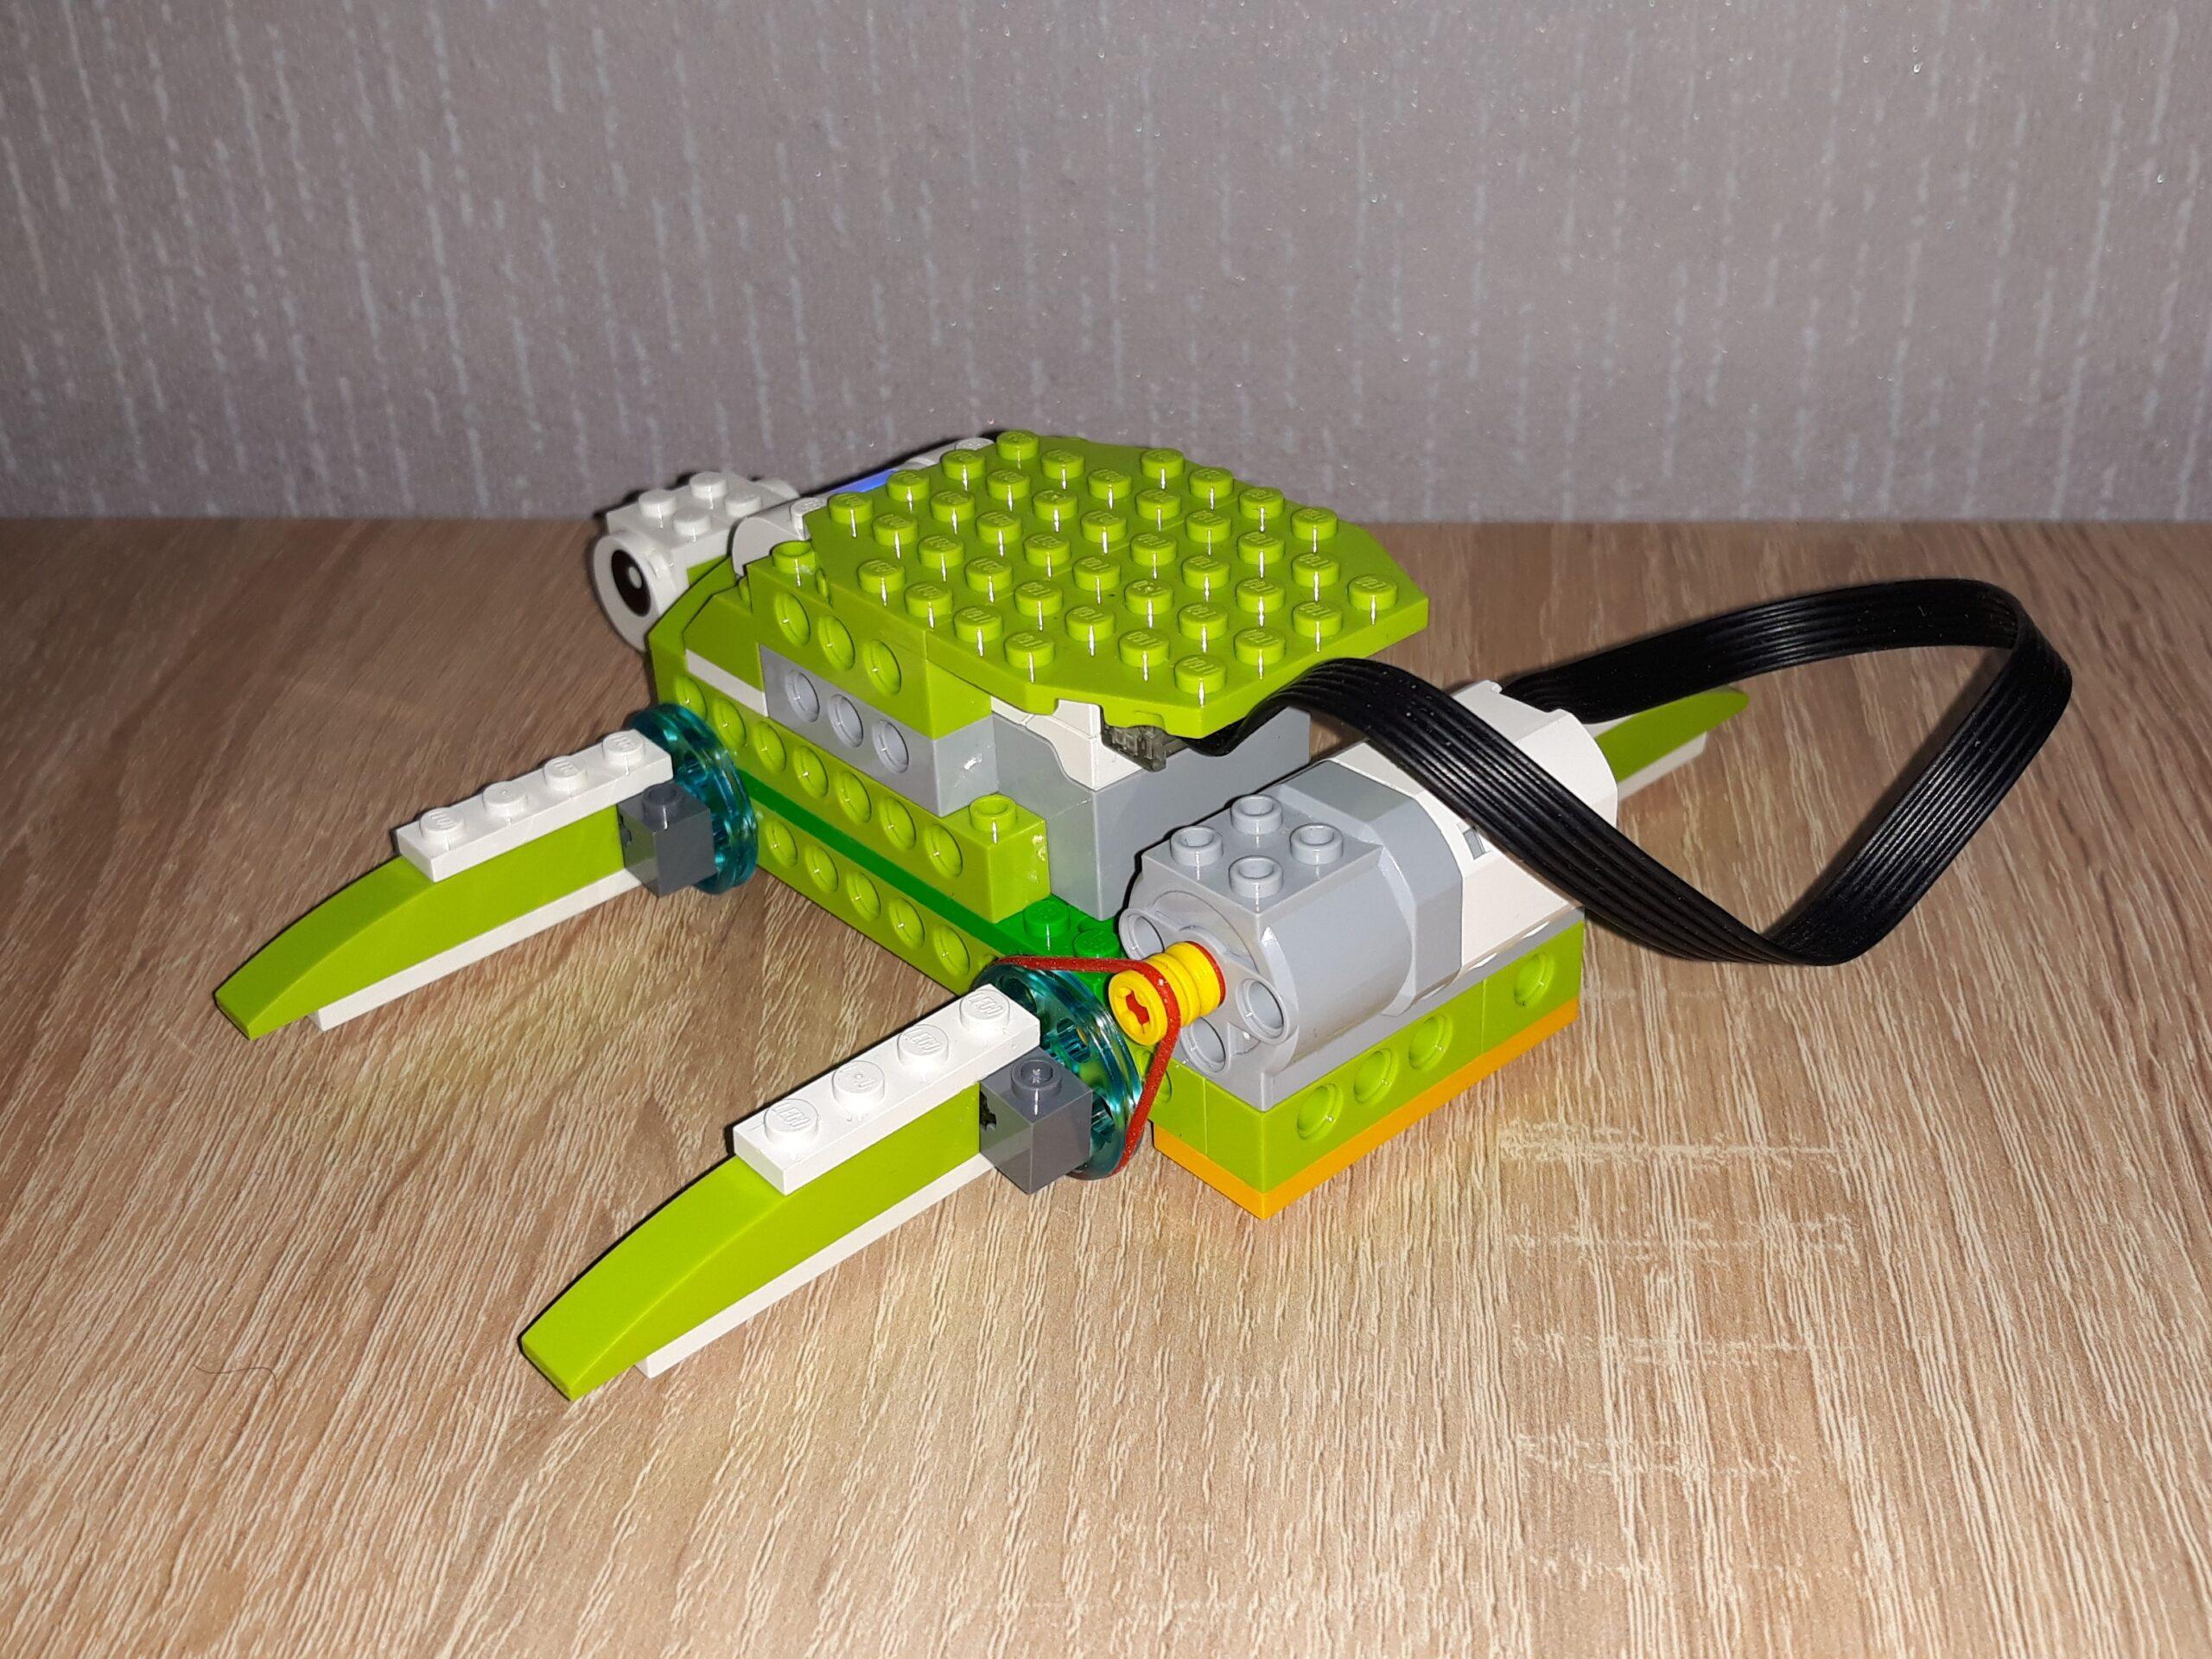 Схема сборки для набора LEGO Education WeDo 2.0 Черепашка